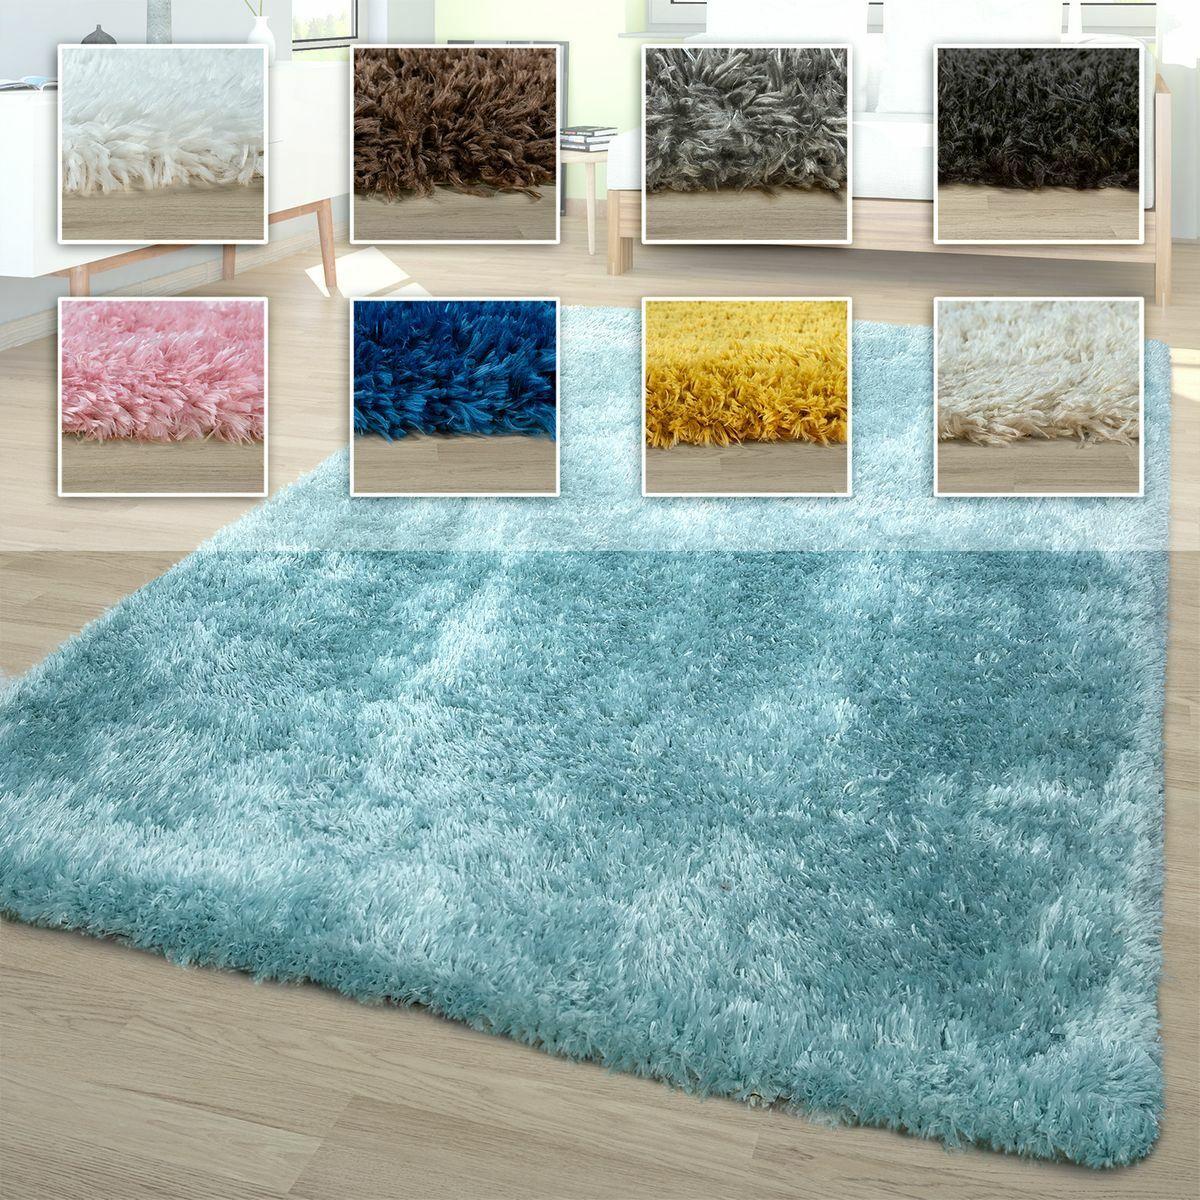 Waschbarer Hochflor Teppich Shaggy Flokati Look In Versch. Farben u. Größen